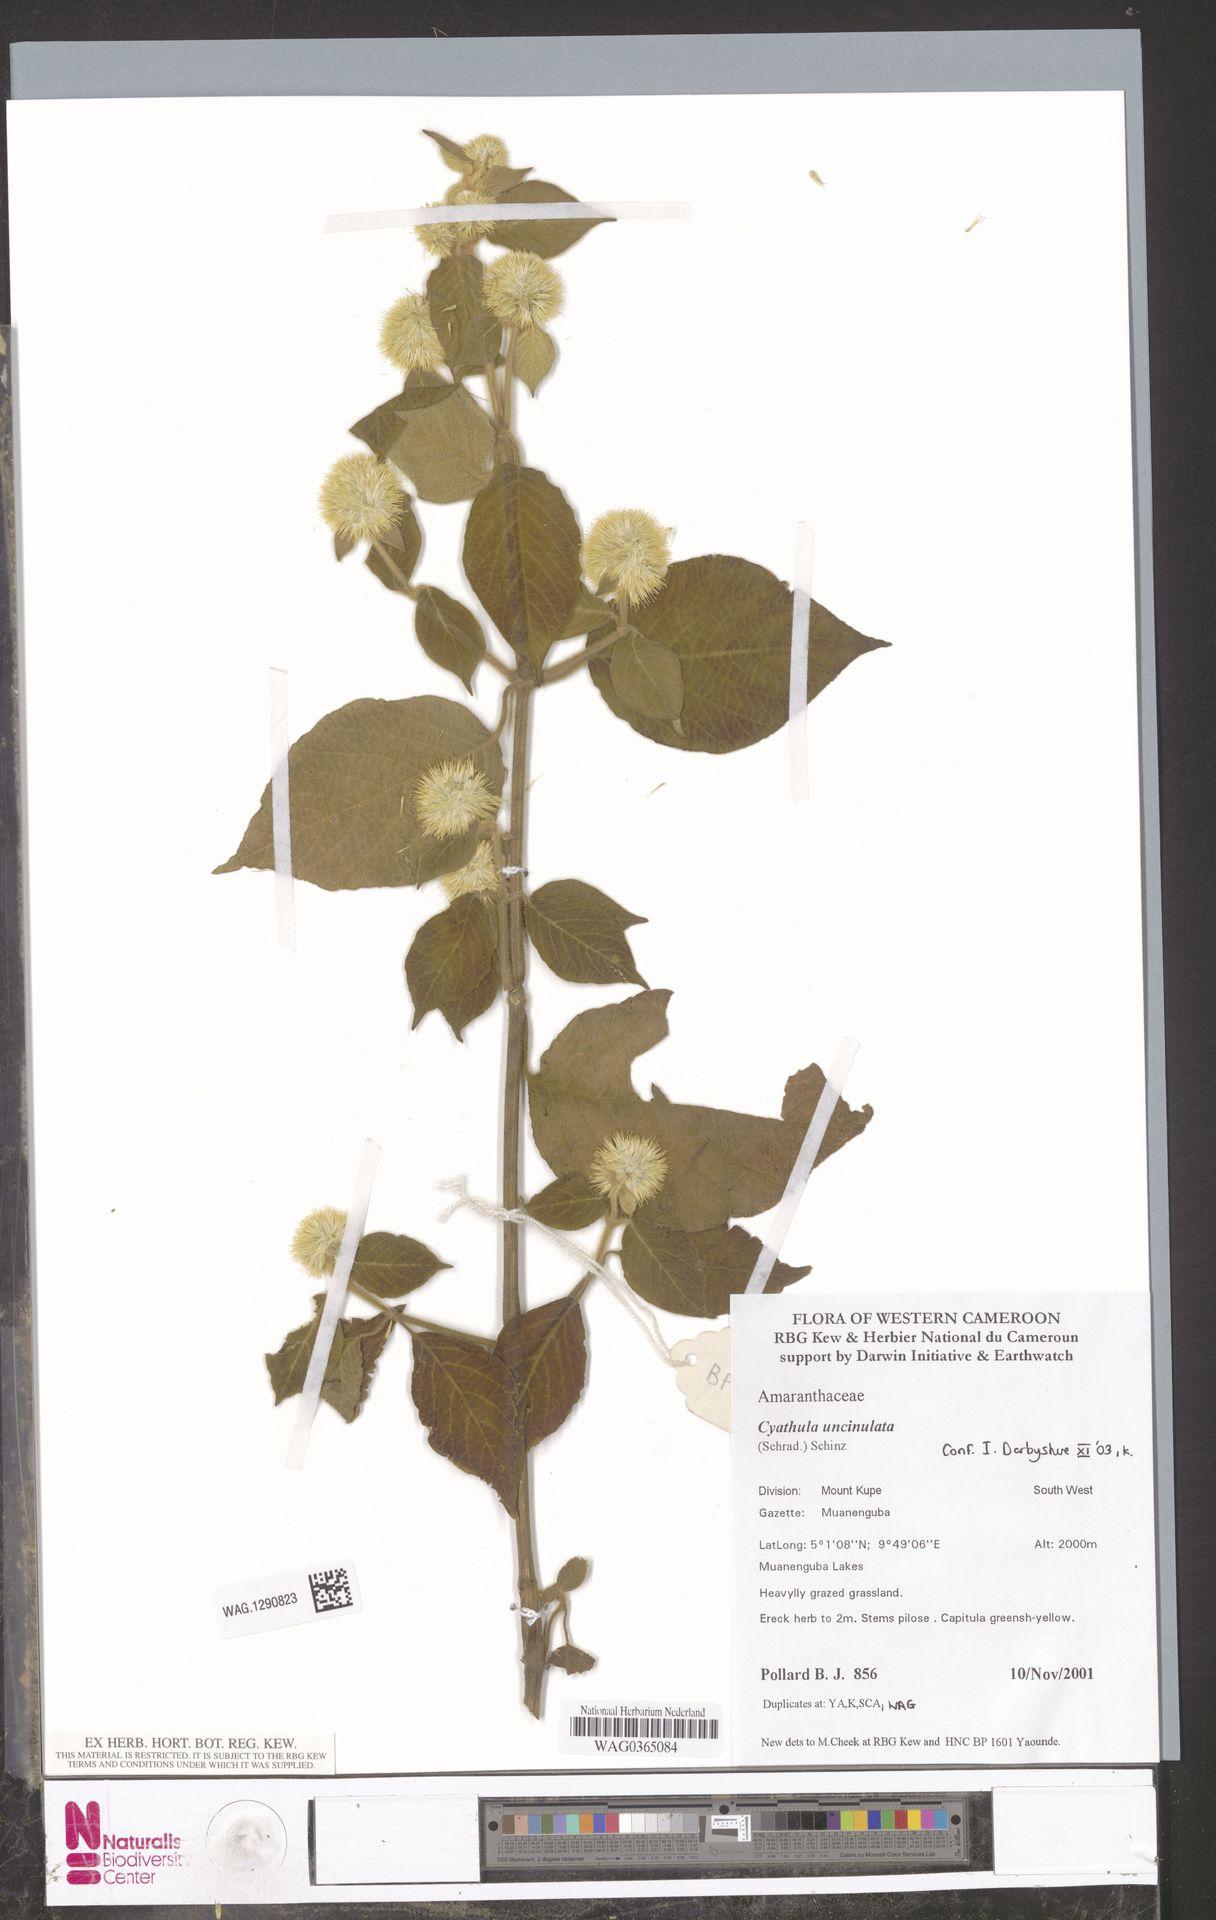 WAG.1290823   Cyathula uncinulata (Schrad.) Schinz